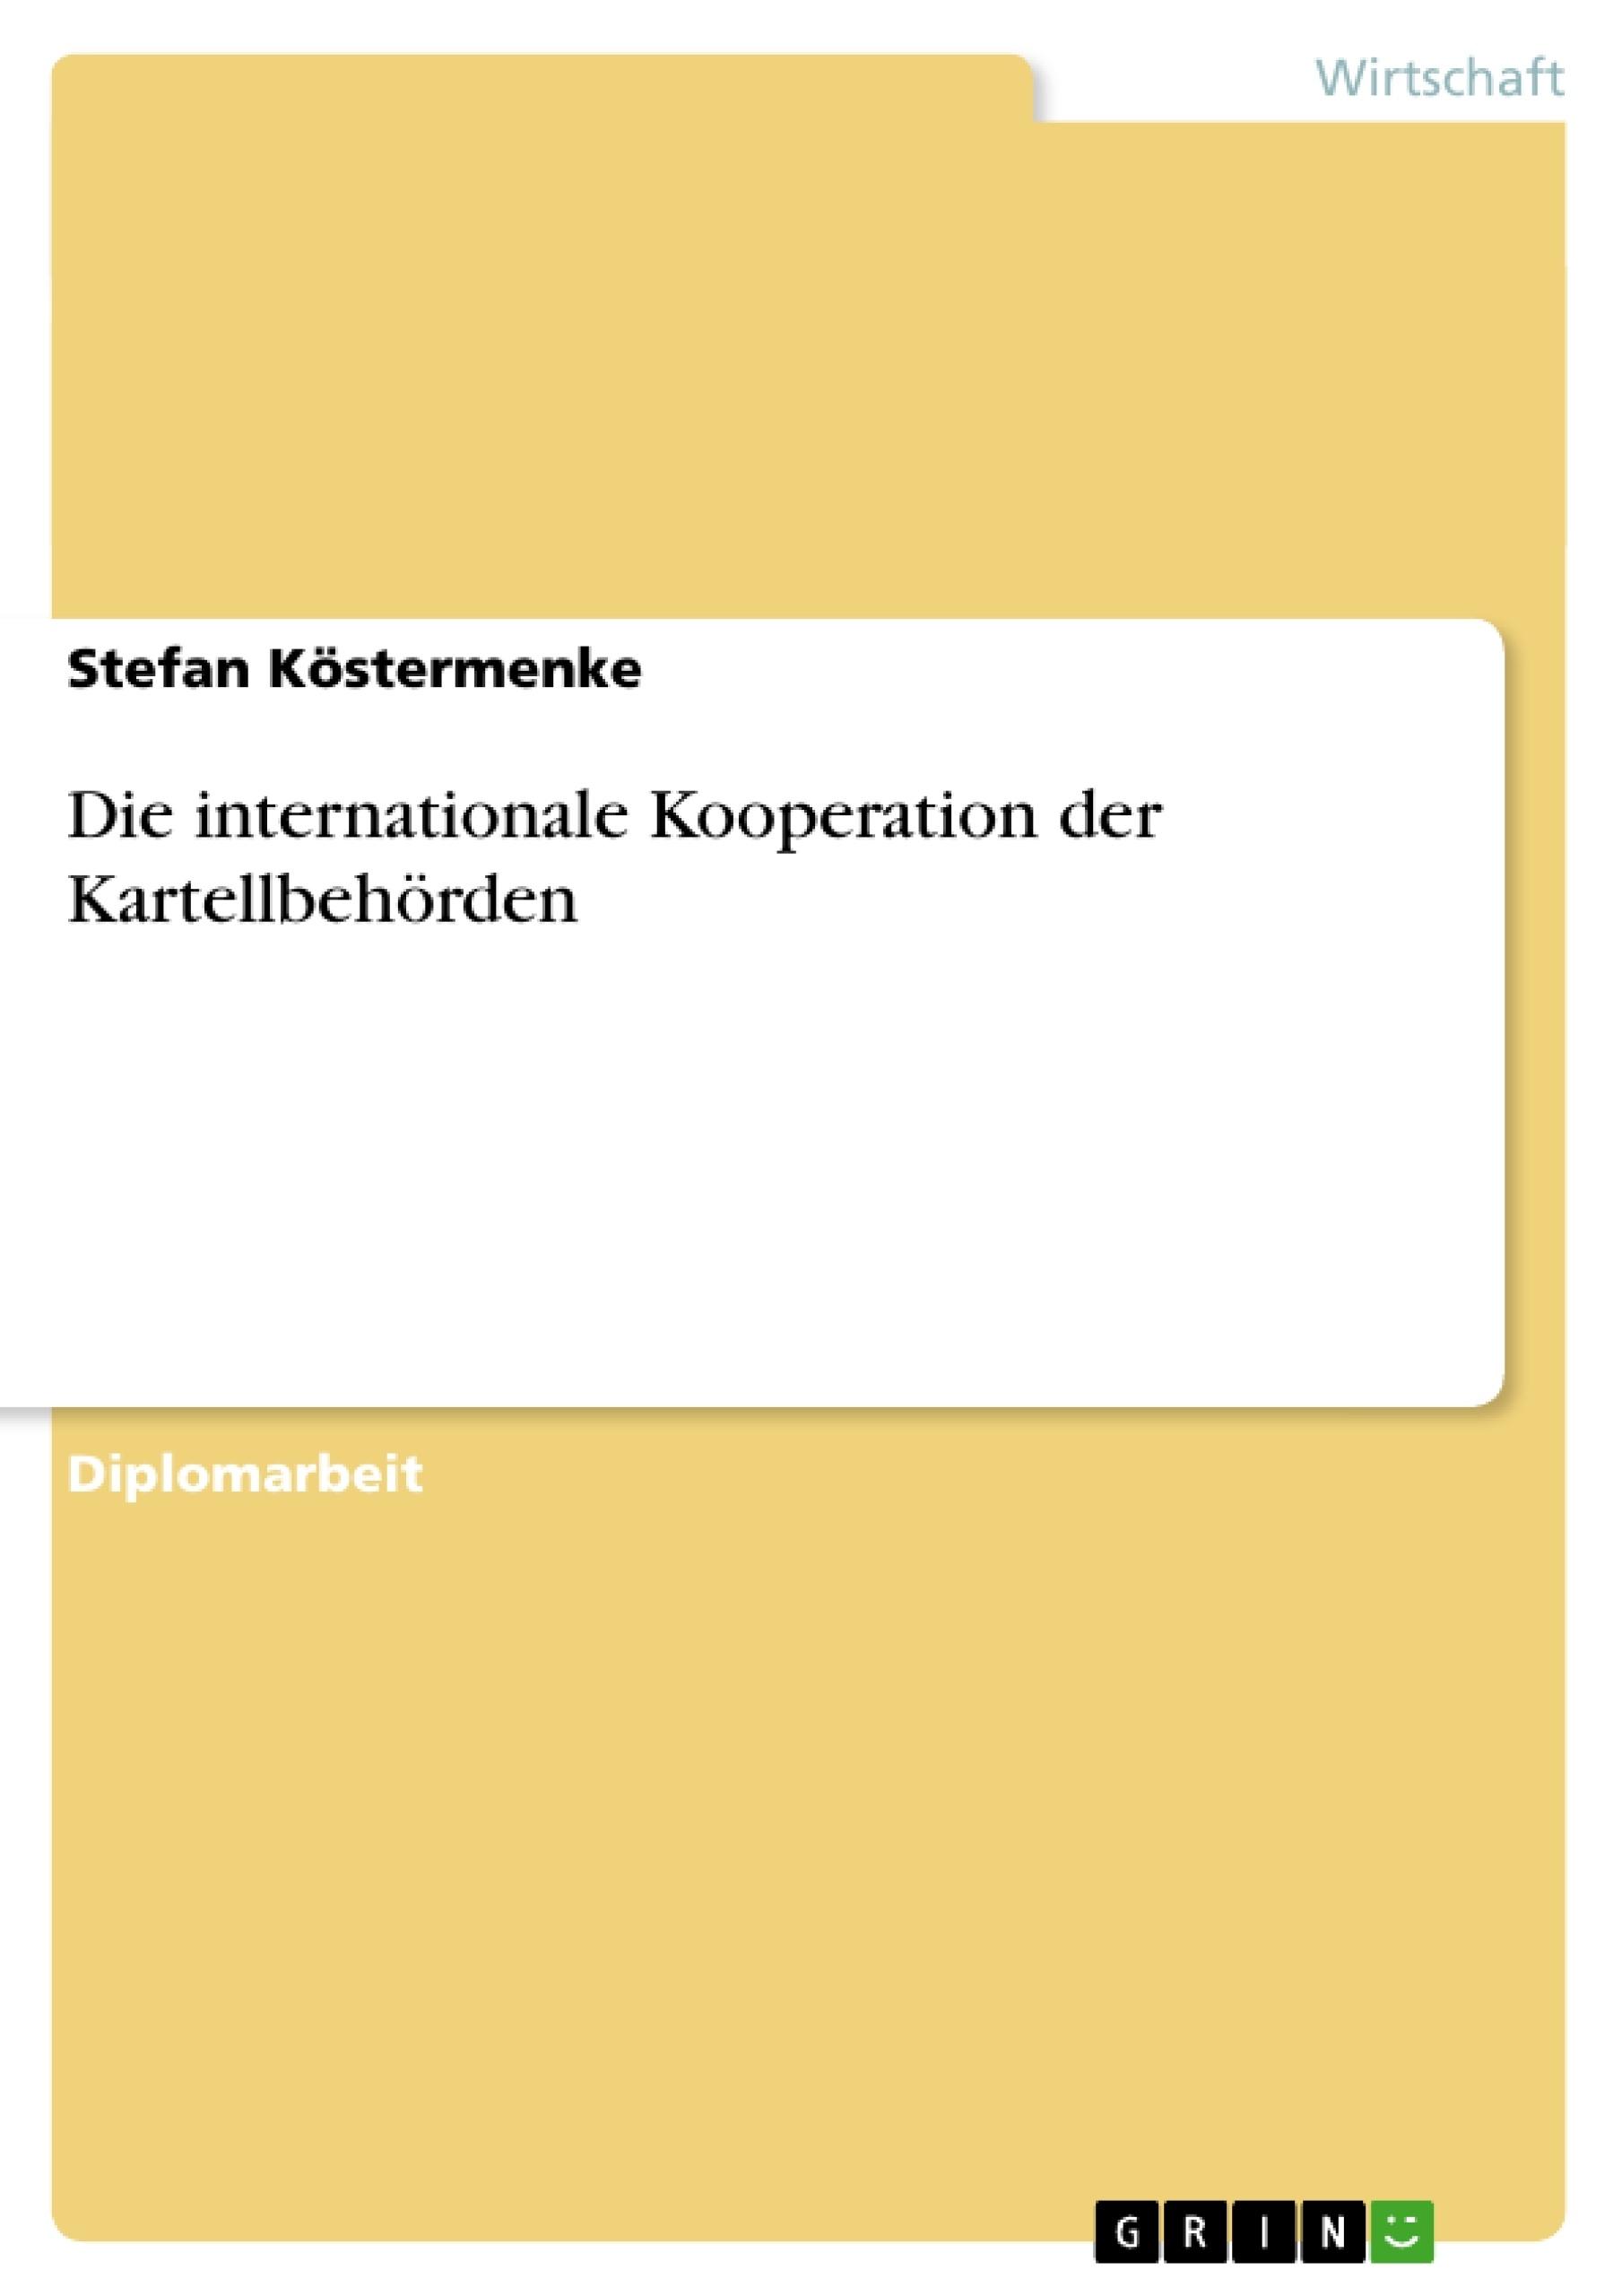 Titel: Die internationale Kooperation der Kartellbehörden